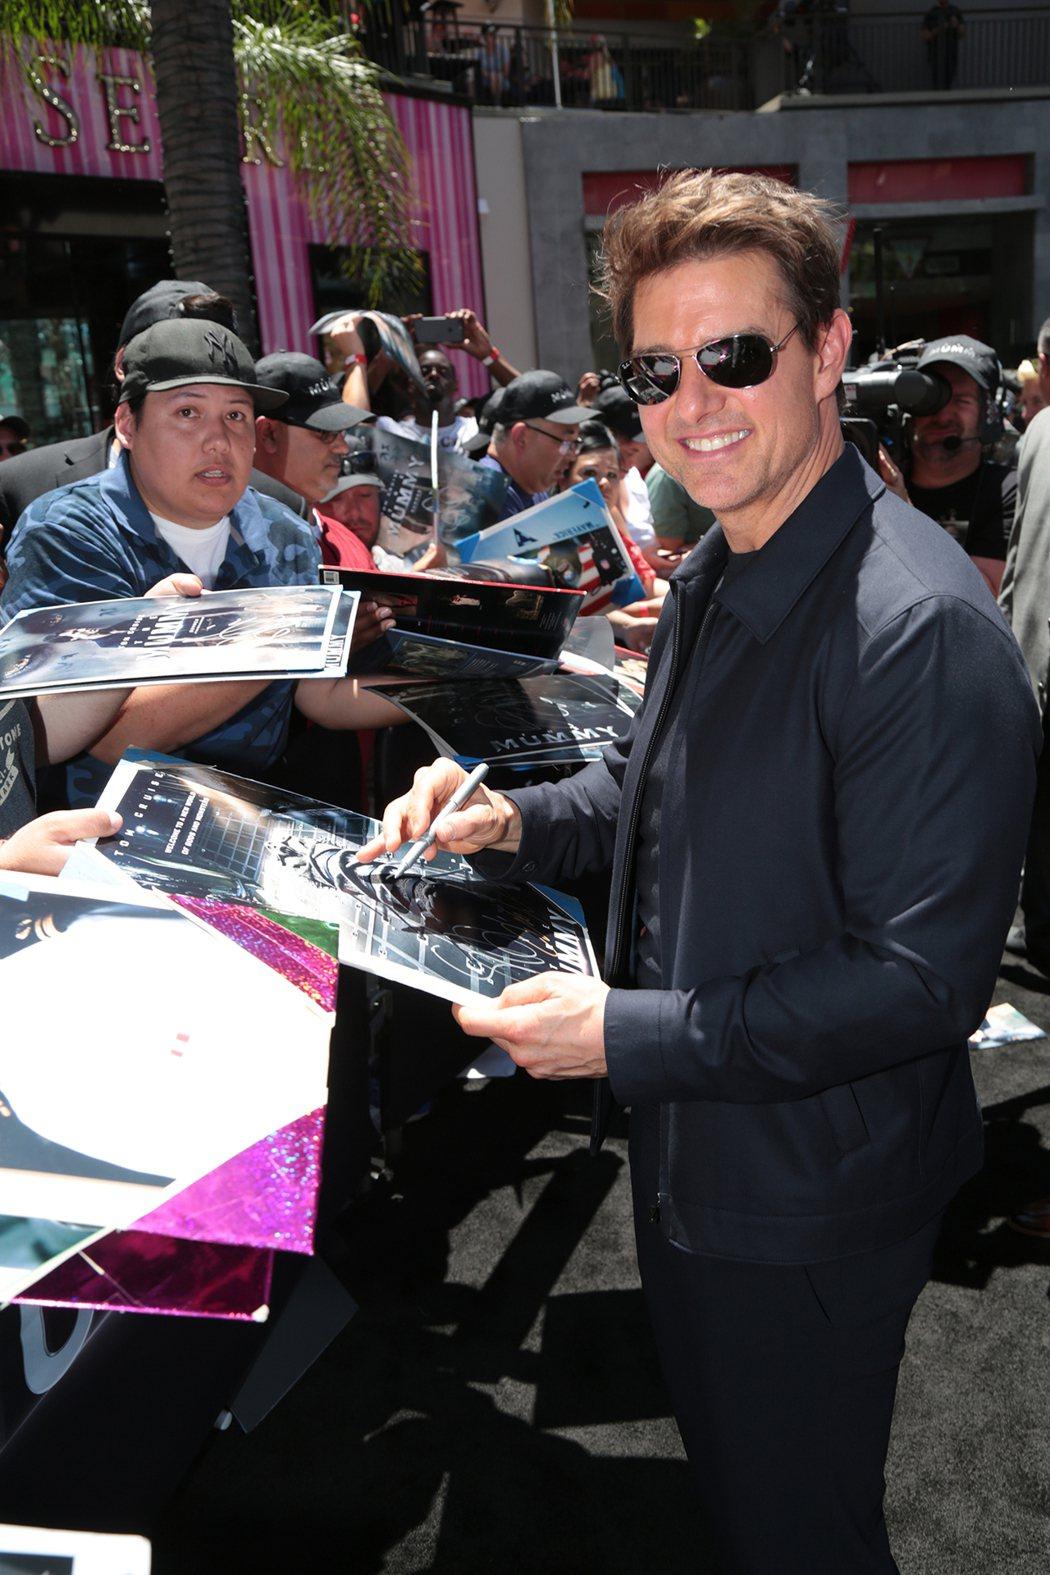 男主角湯姆克魯斯出席好萊塢520「神鬼傳奇」日。圖UIP提供